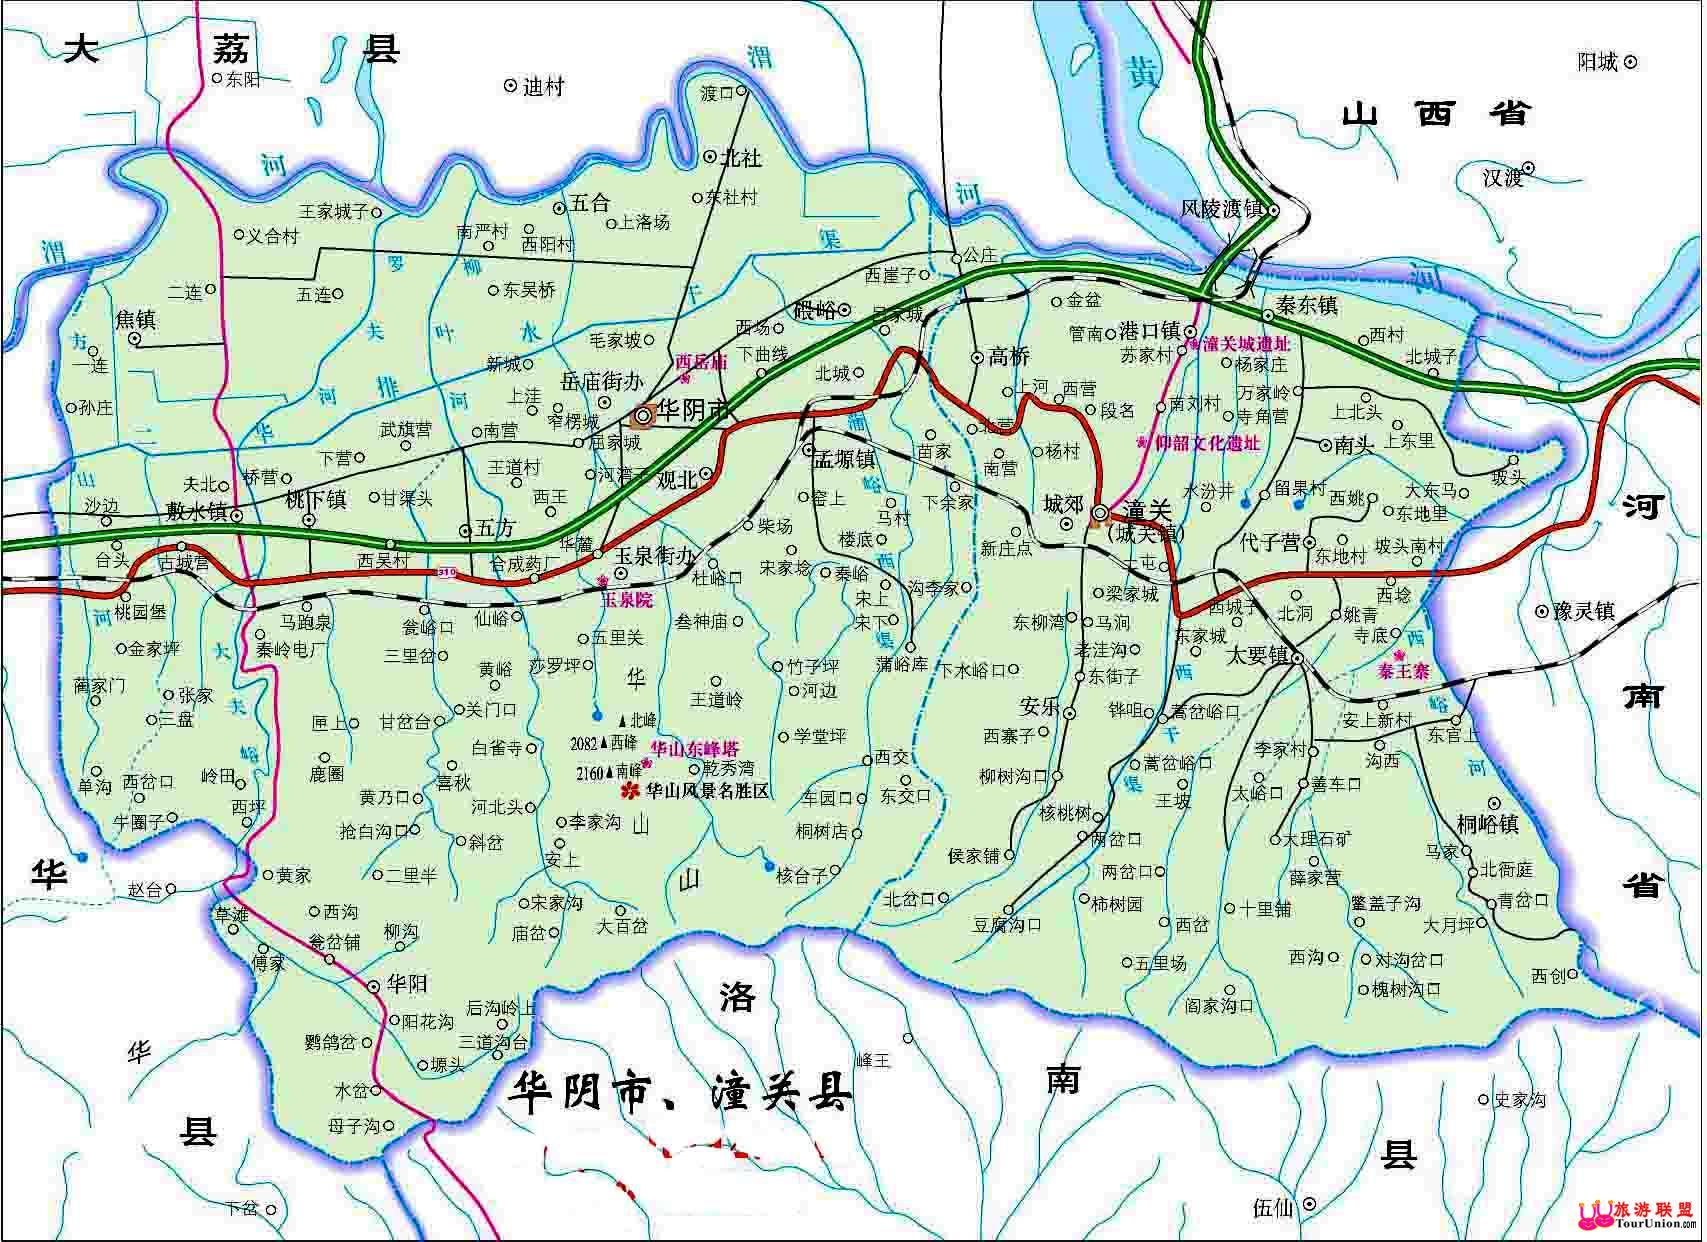 略-旅游联盟陕西渭南旅游